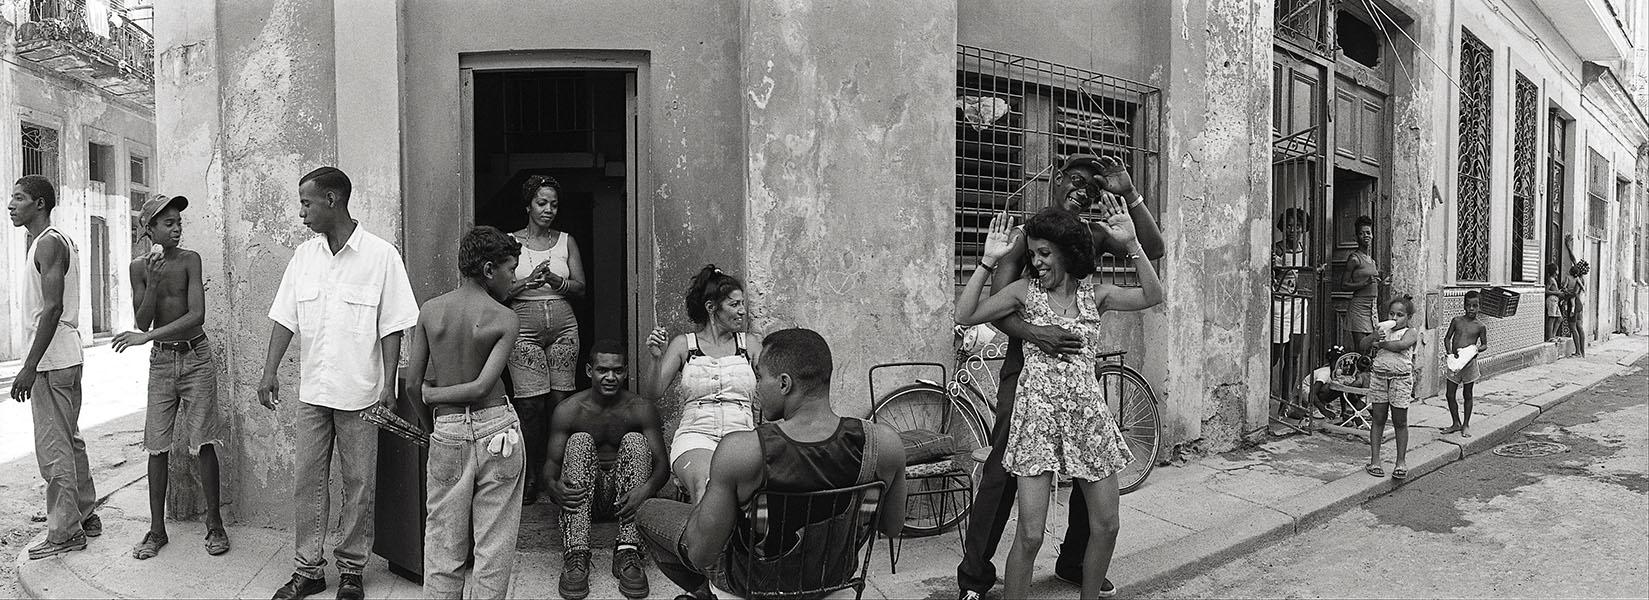 Centro Habana, Cuba.